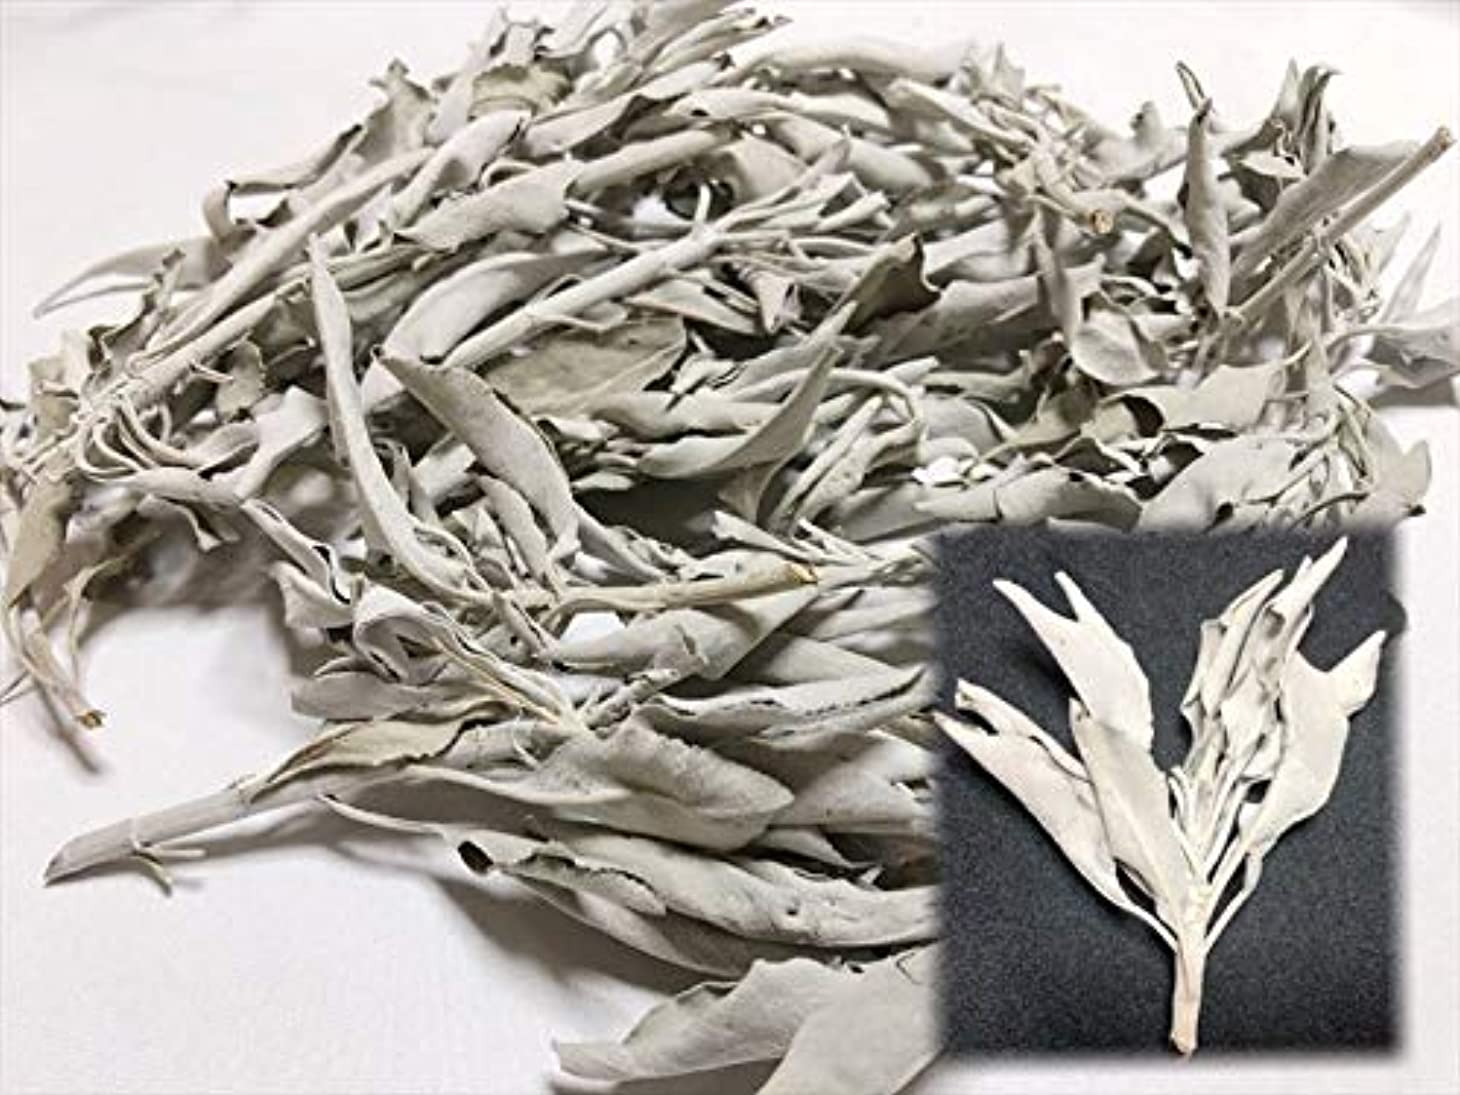 キルト口実寝室を掃除するホワイトセージ 30g 有機栽培 浄化 枝付き 完全密封 乾燥剤入り カリフォルニア産 お香 スピリチュア